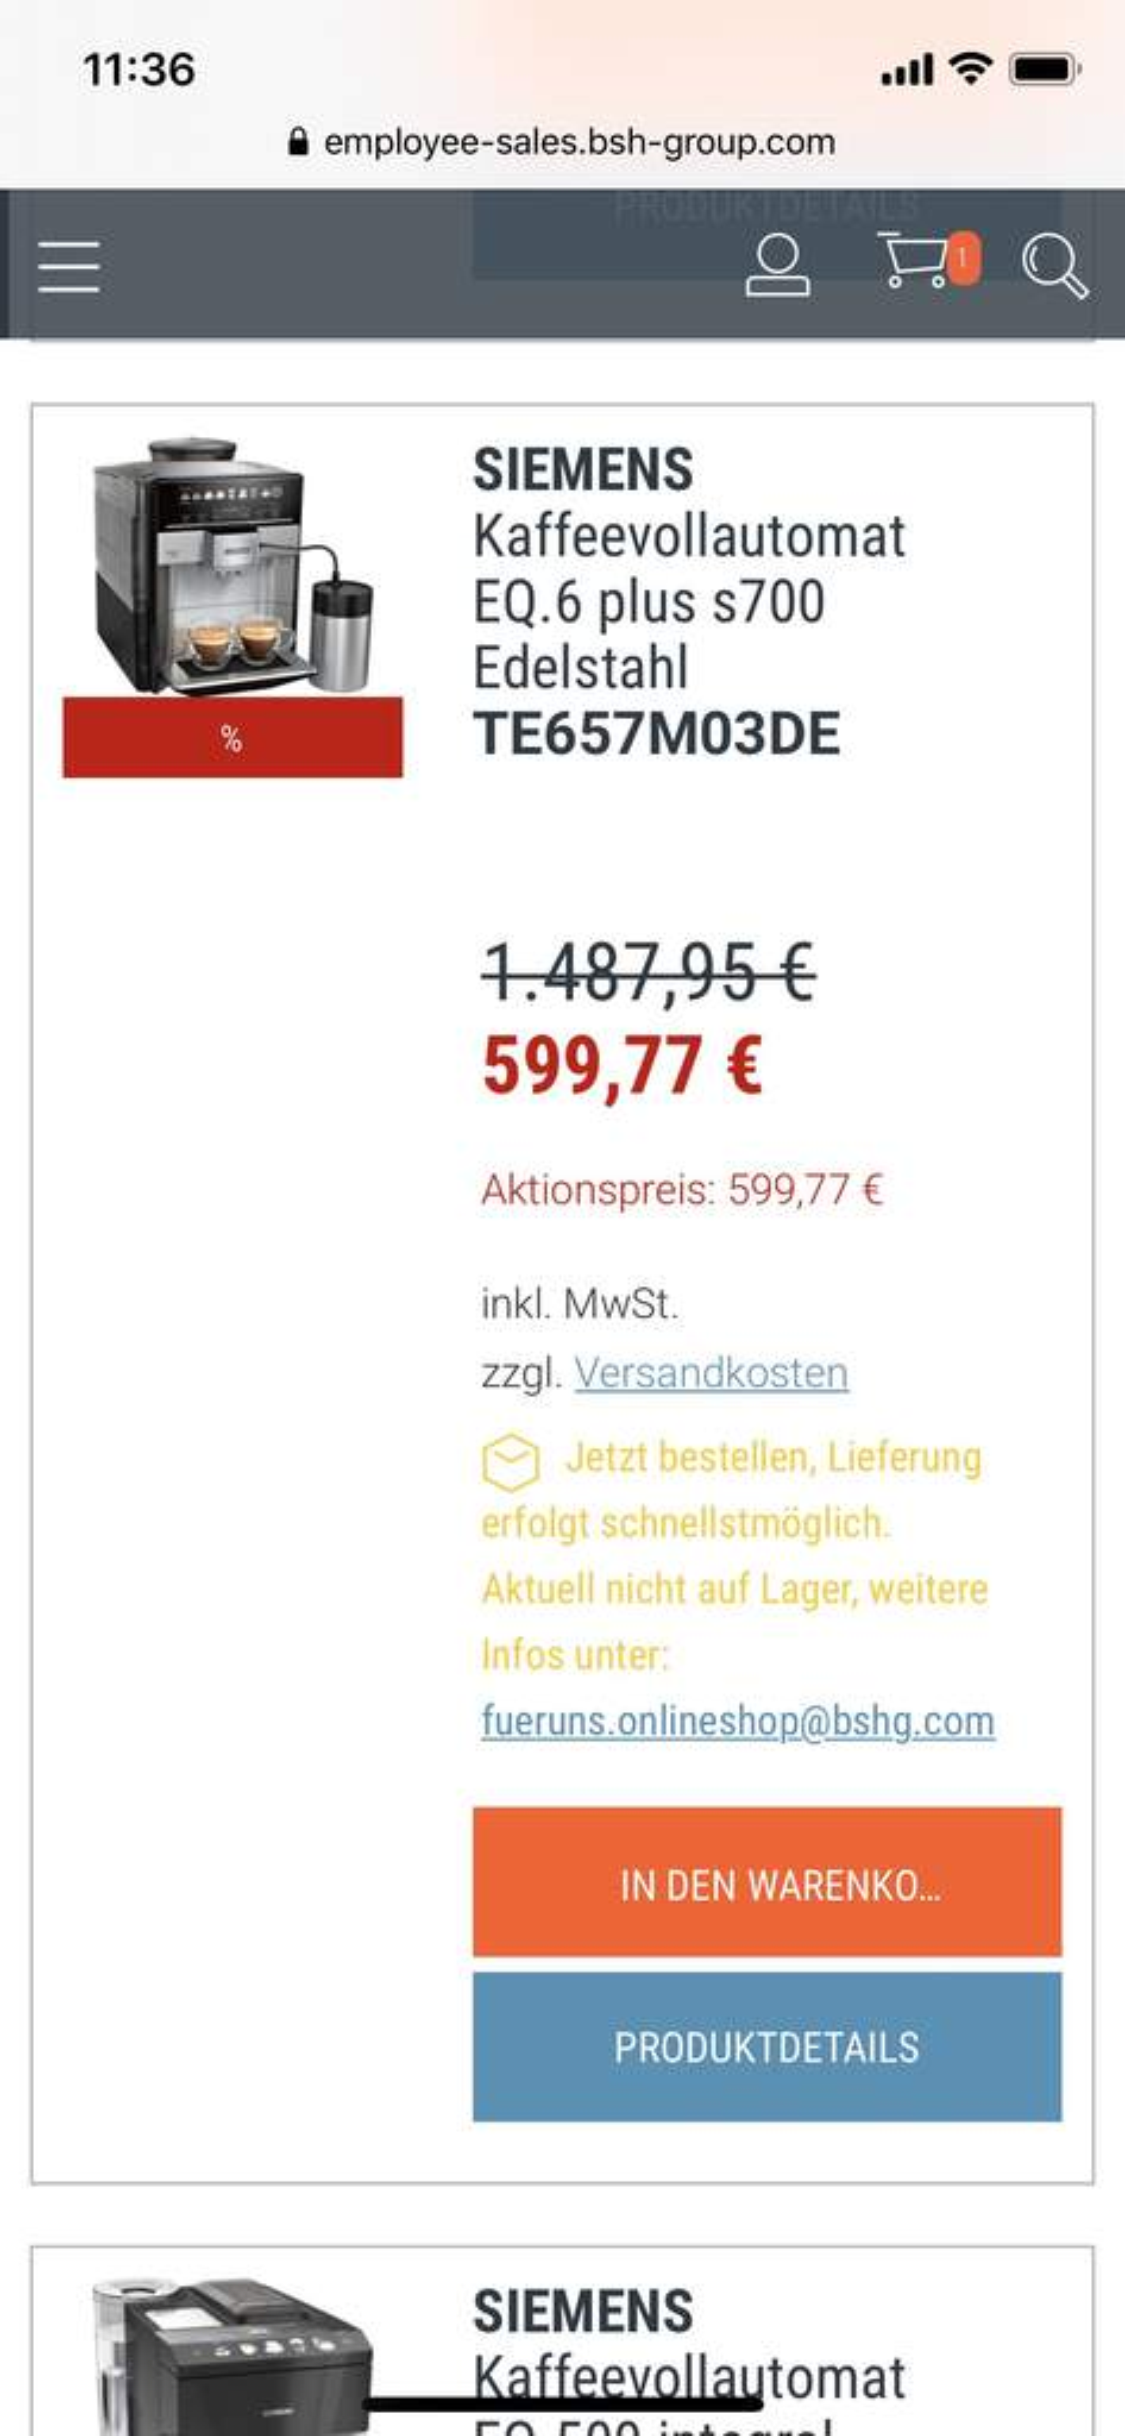 26418867.jpg